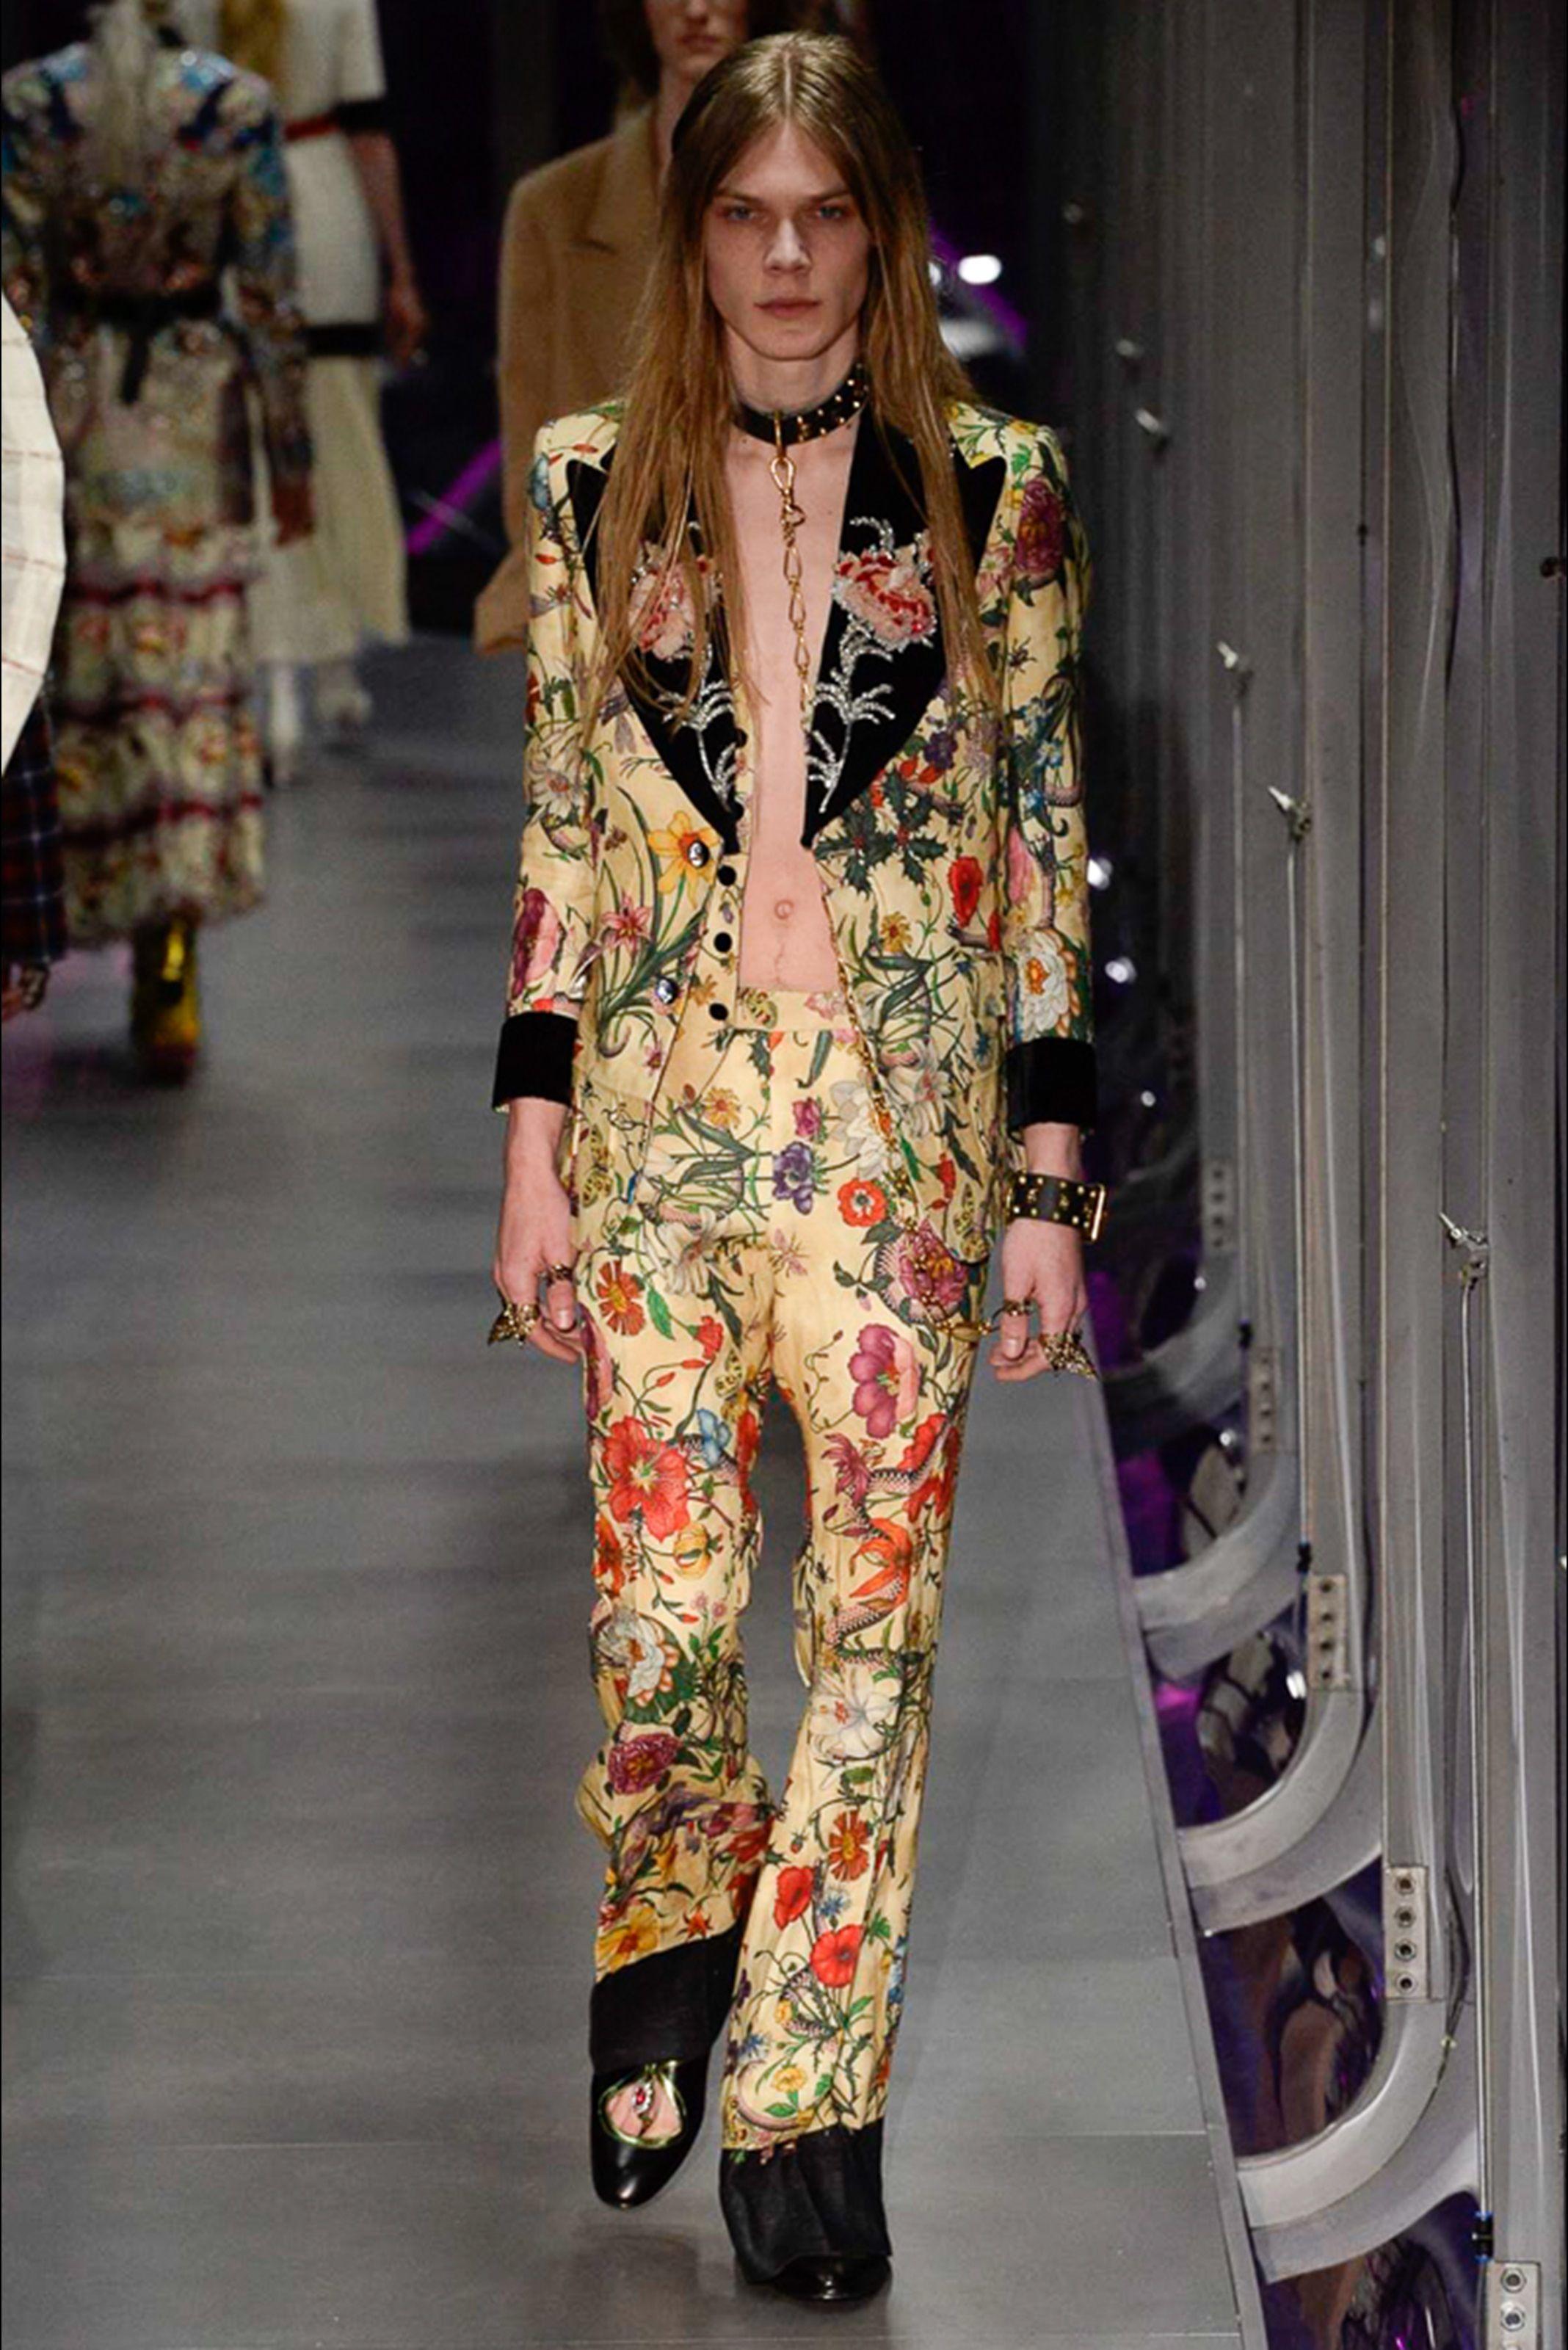 5d55cf4dd9105 Guarda la sfilata di moda Gucci a Milano e scopri la collezione di abiti e  accessori per la stagione Collezioni Autunno Inverno 2017-18.